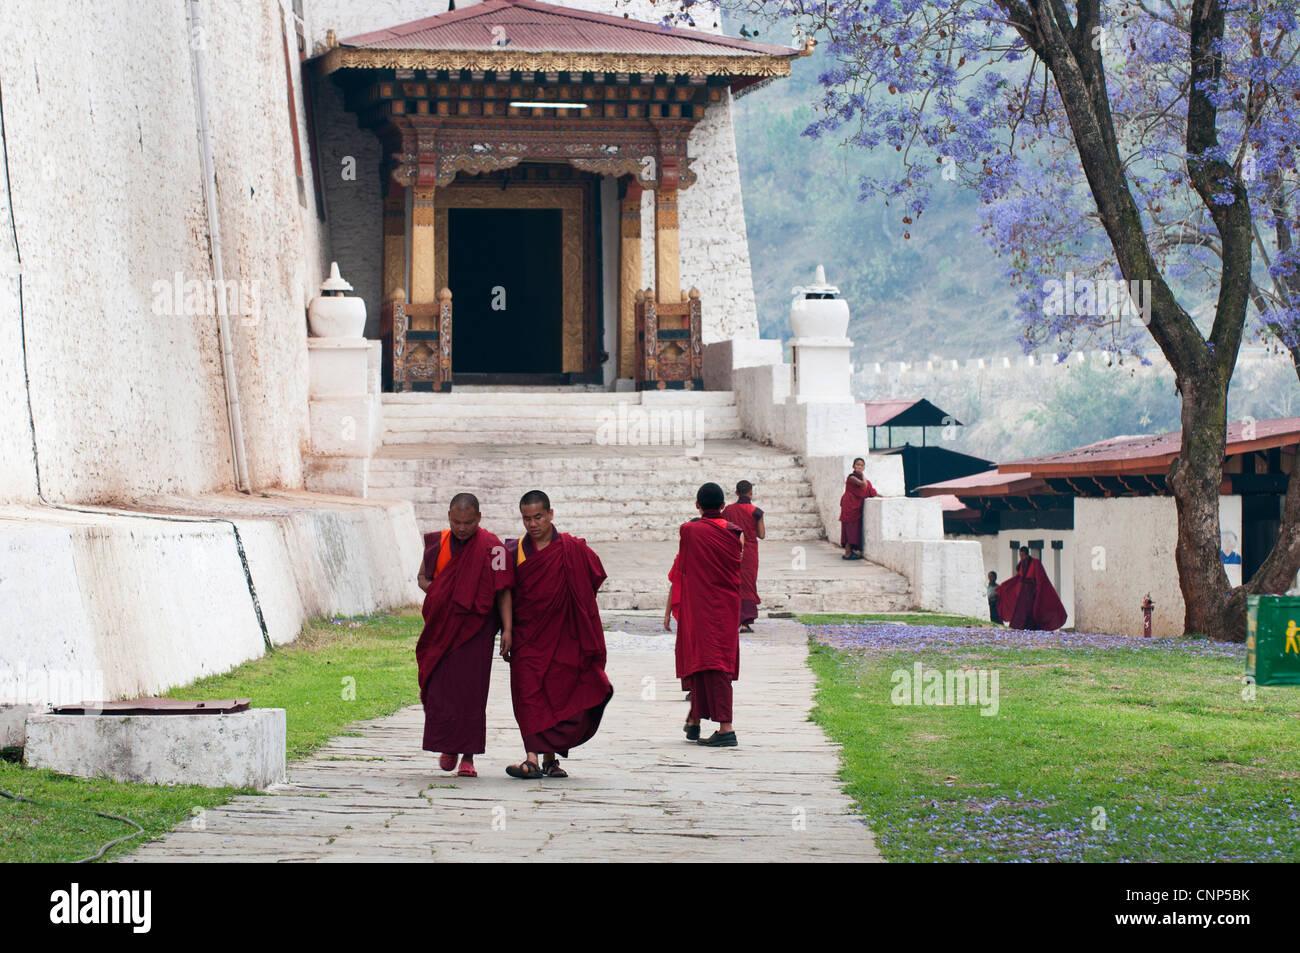 Asia, Bhutan. Monks walking outside Punakha Dzong palace - Stock Image